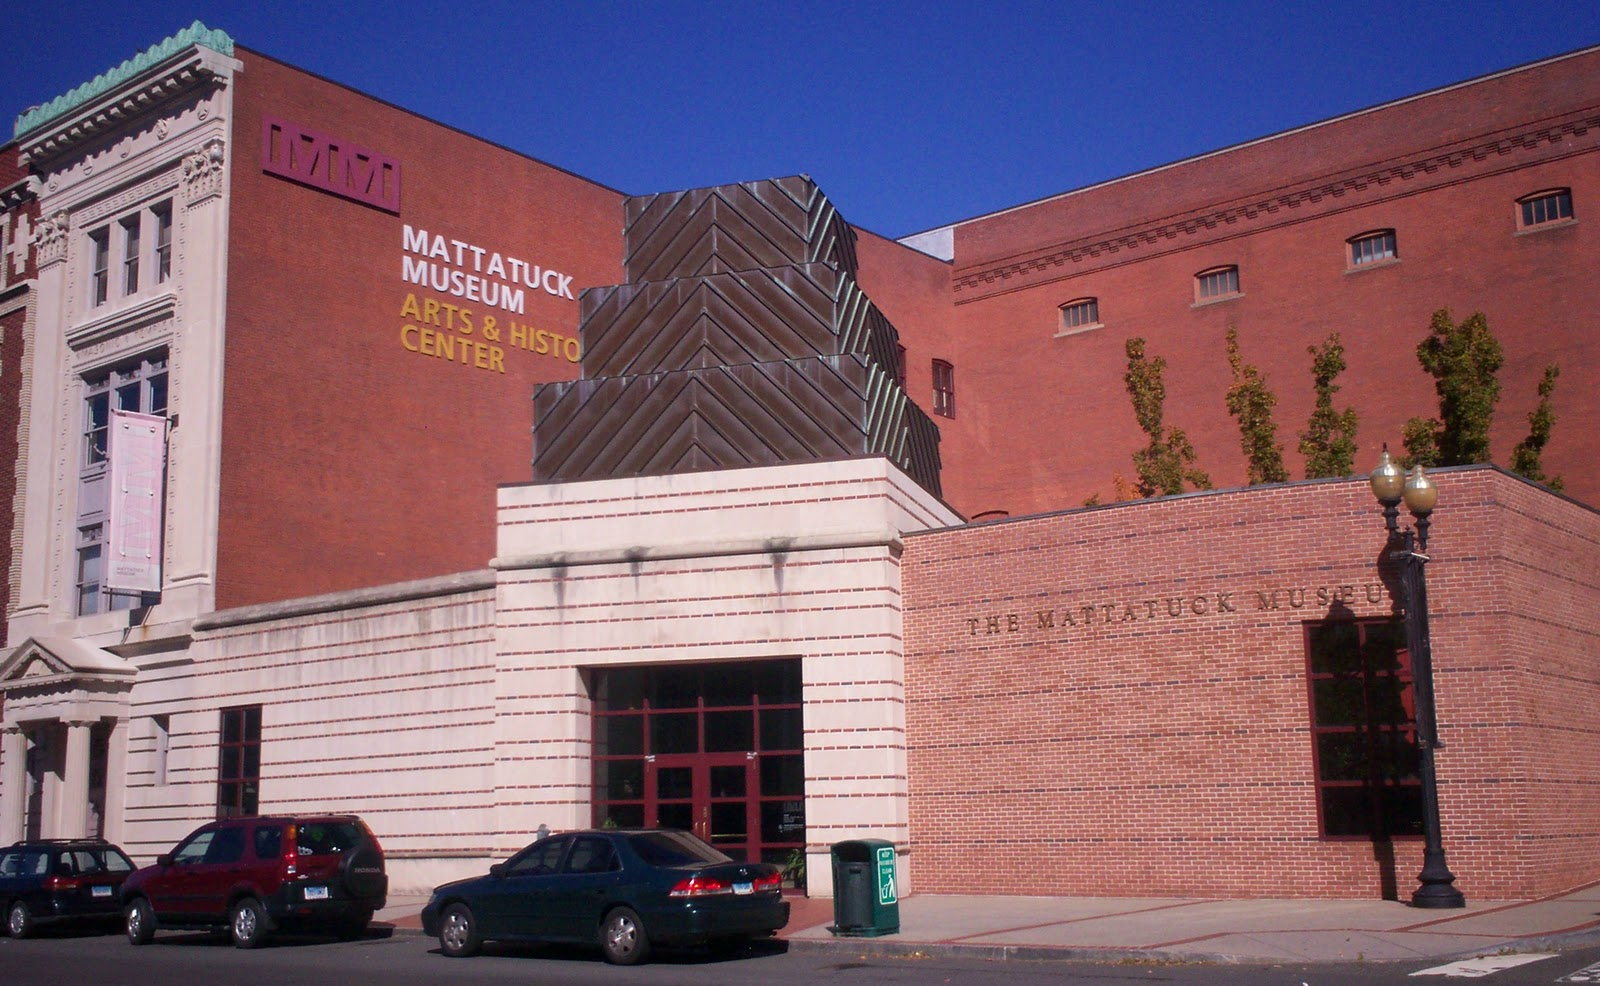 New England Travels The Mattatuck Museum Waterbury